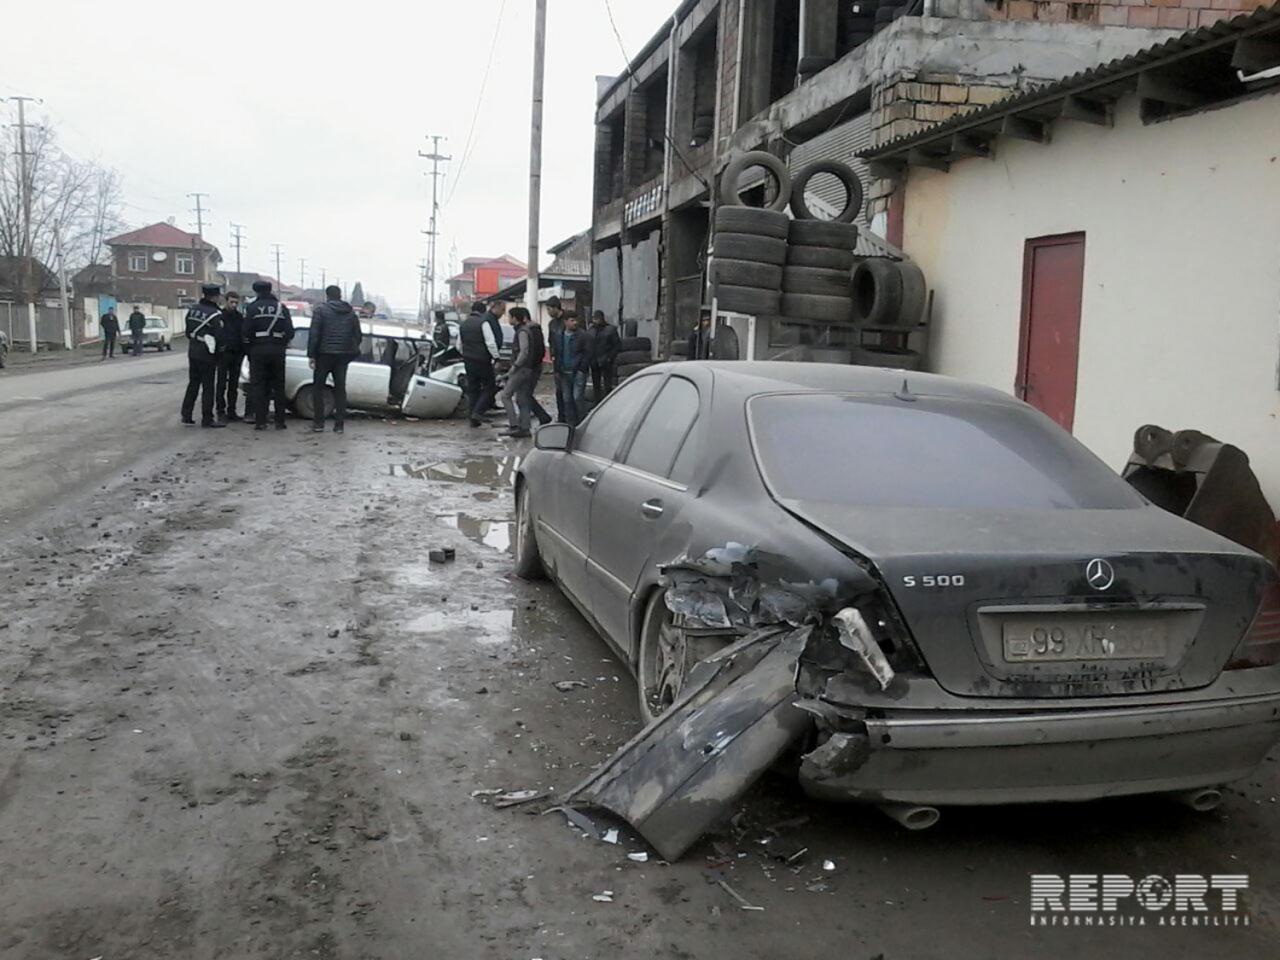 Lənkəranda avtomobil qəzası: 78 yaşlı sürücü xəsarət aldı – Foto